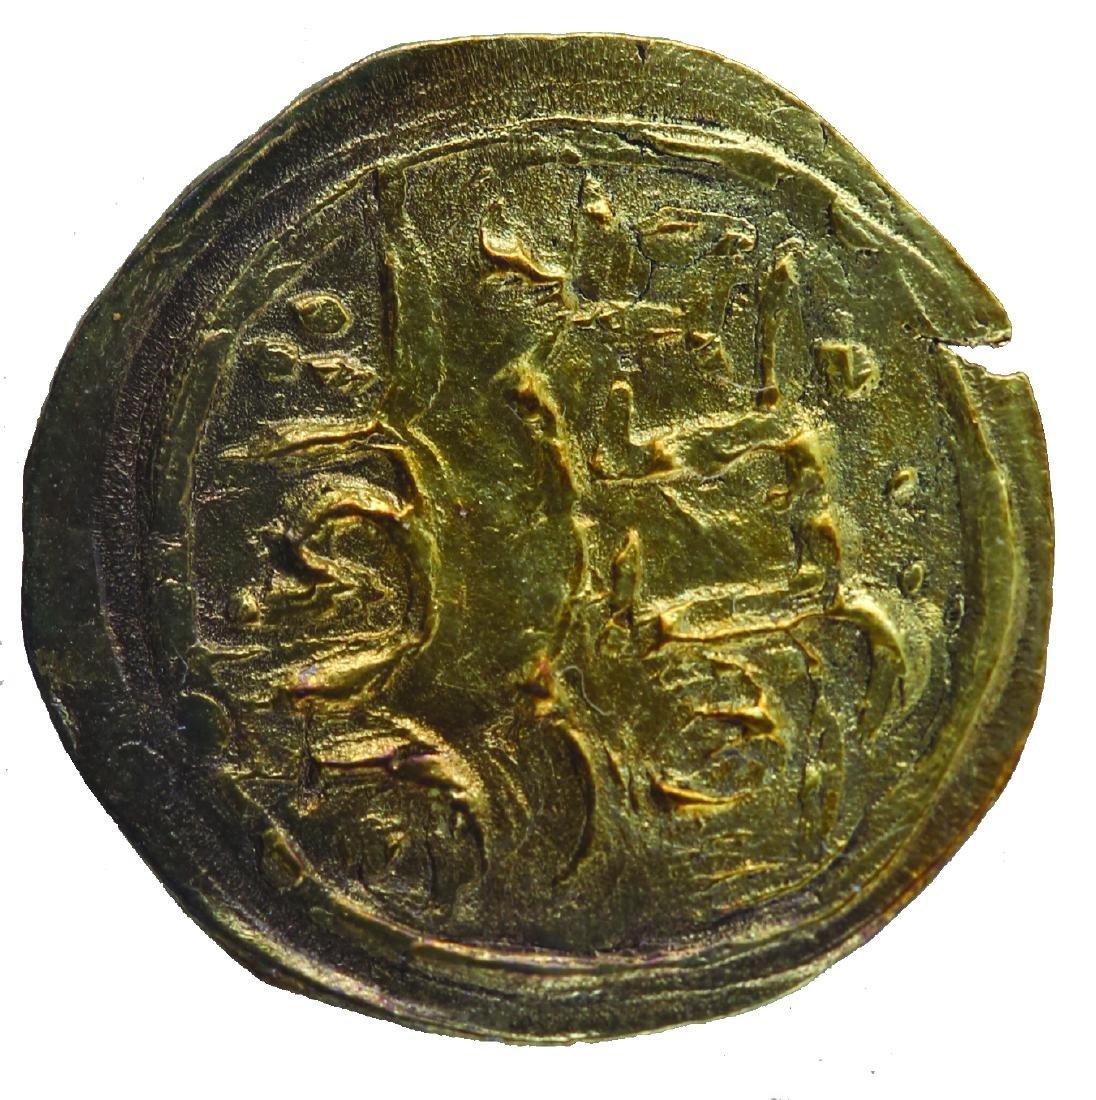 Johor 1571 - 1597, Johor Gold 1 Kupang Obv. Sultan